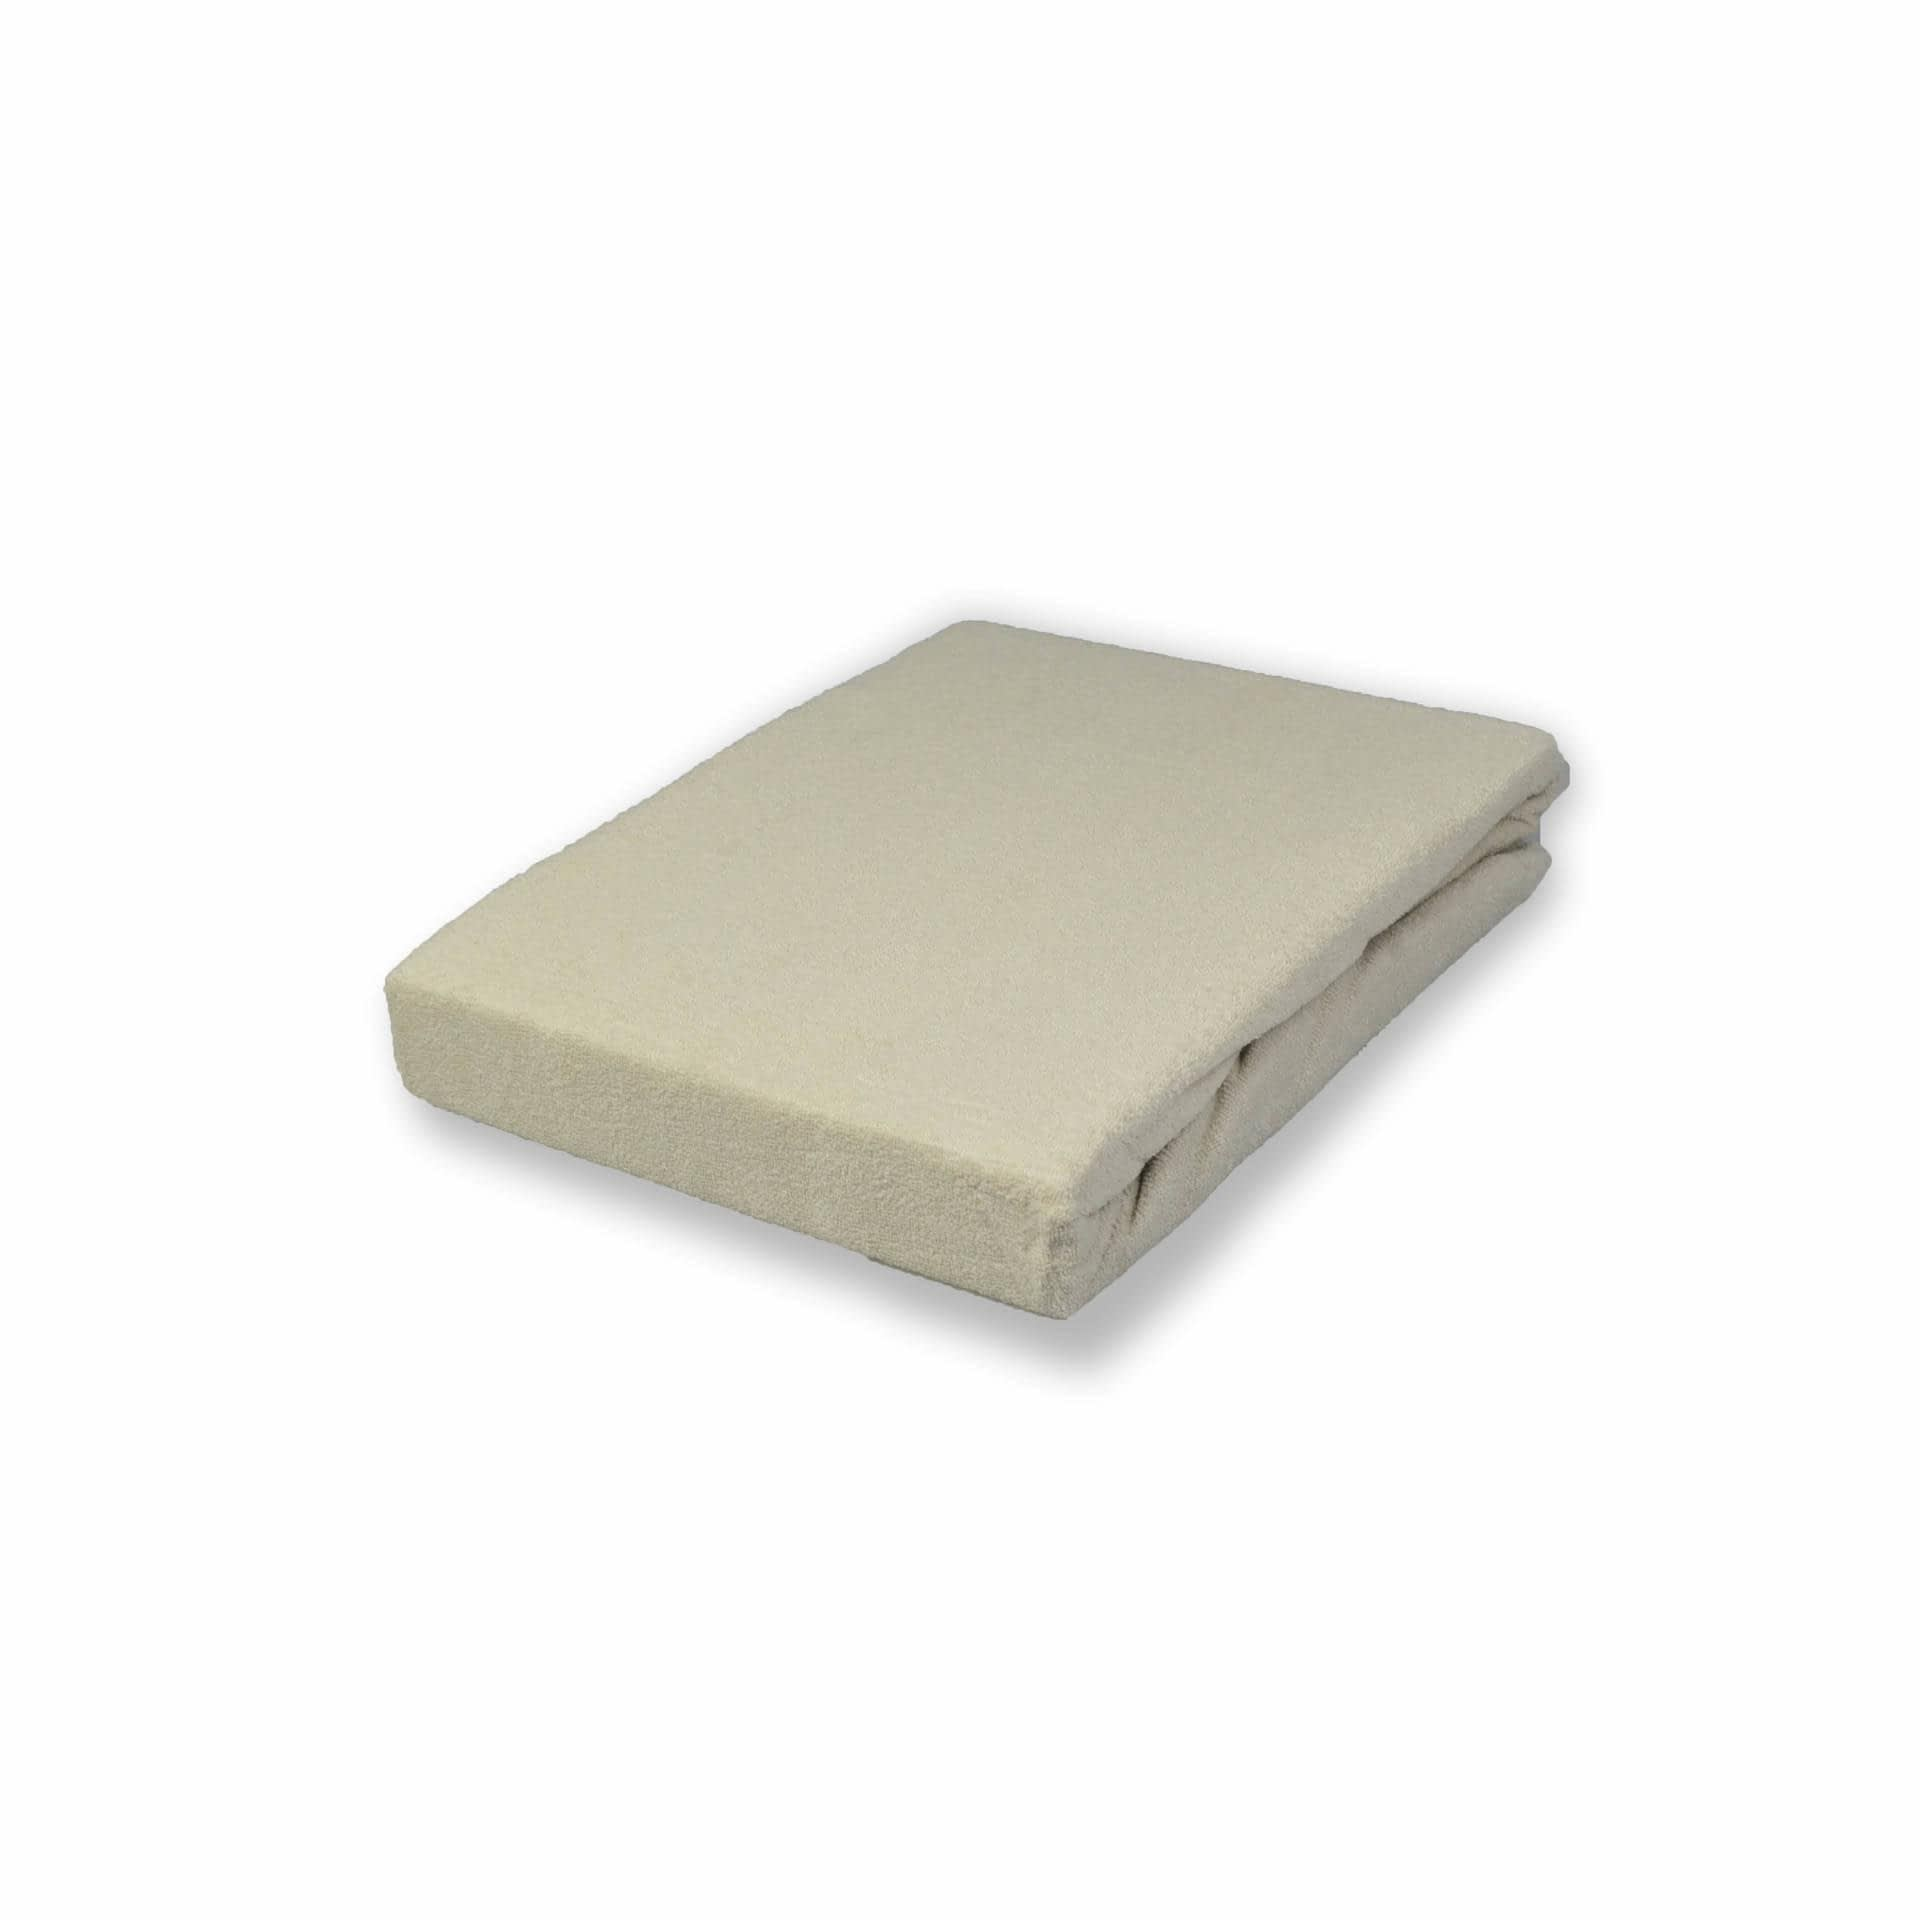 Ткани простыни - Простынь трикотажная на резинке  капучино  100х200 см